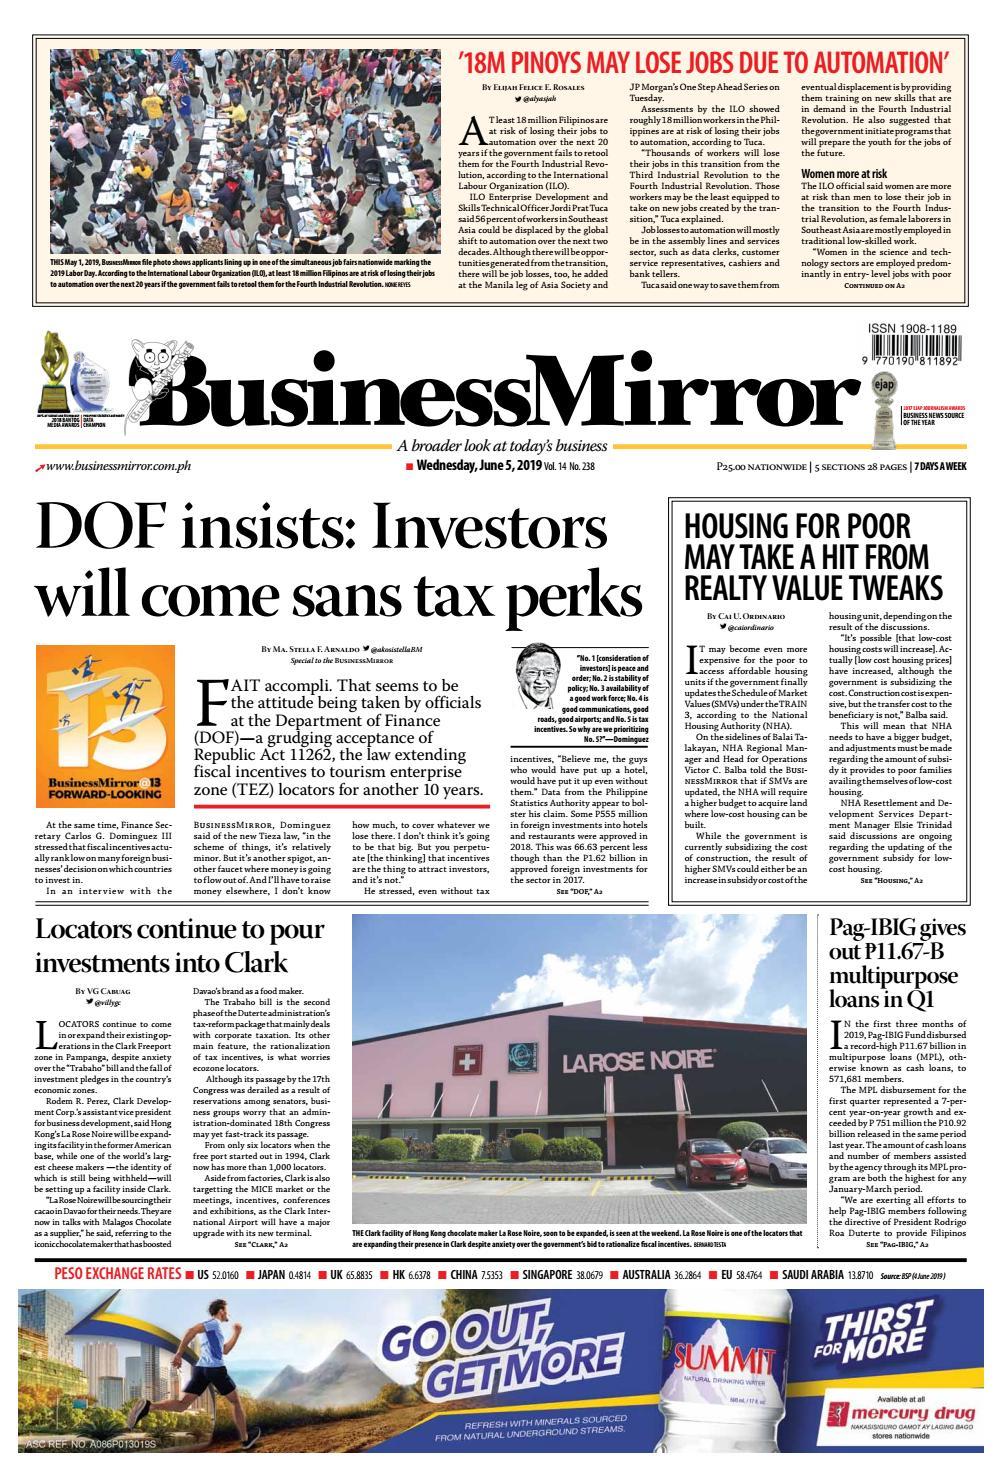 BusinessMirror June 05, 2019 by BusinessMirror - issuu